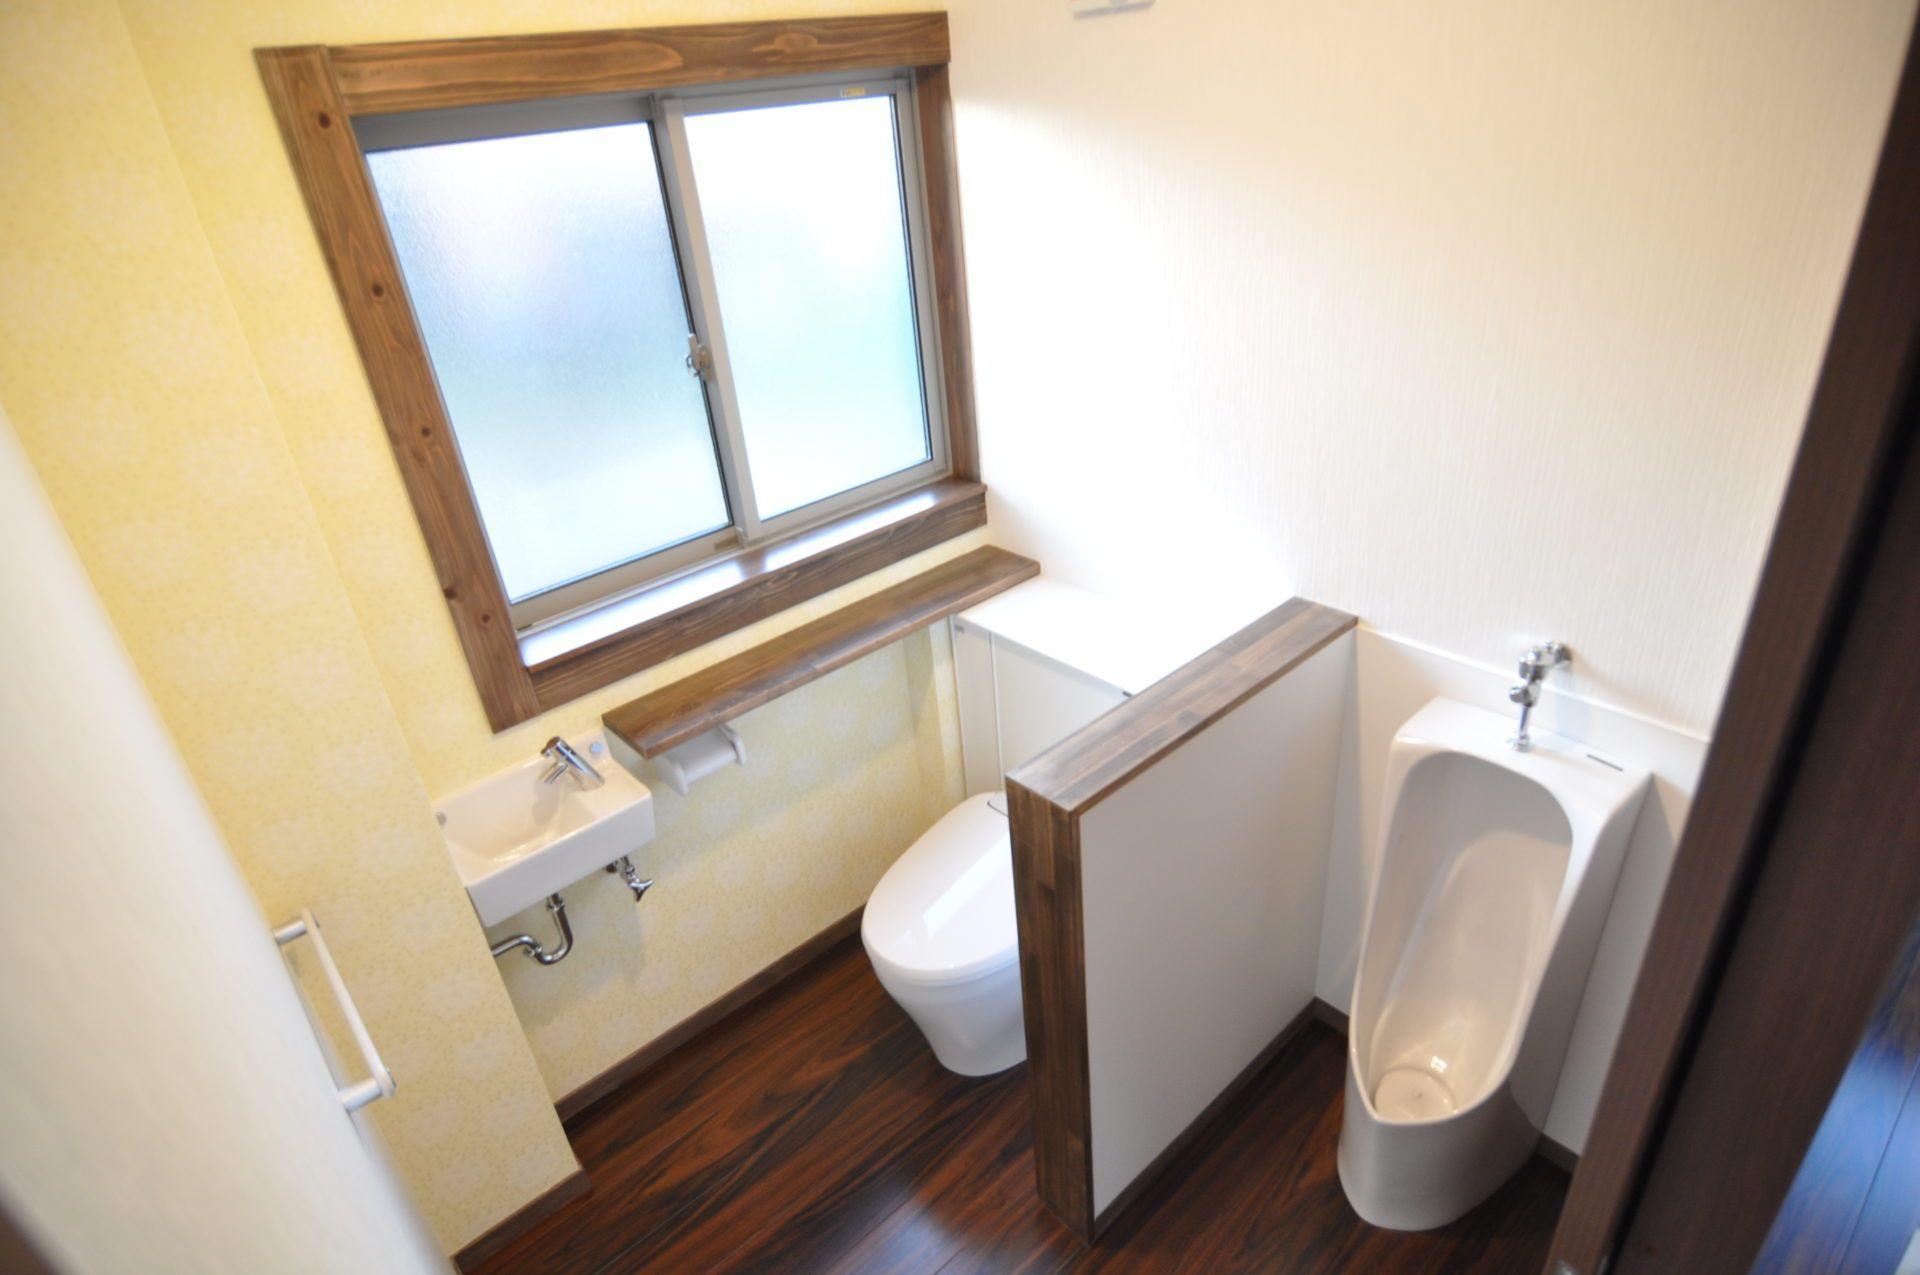 有限会社 市川建築店 1級建築士事務所「三条市 I様邸」の和風・和モダンなトイレの実例写真